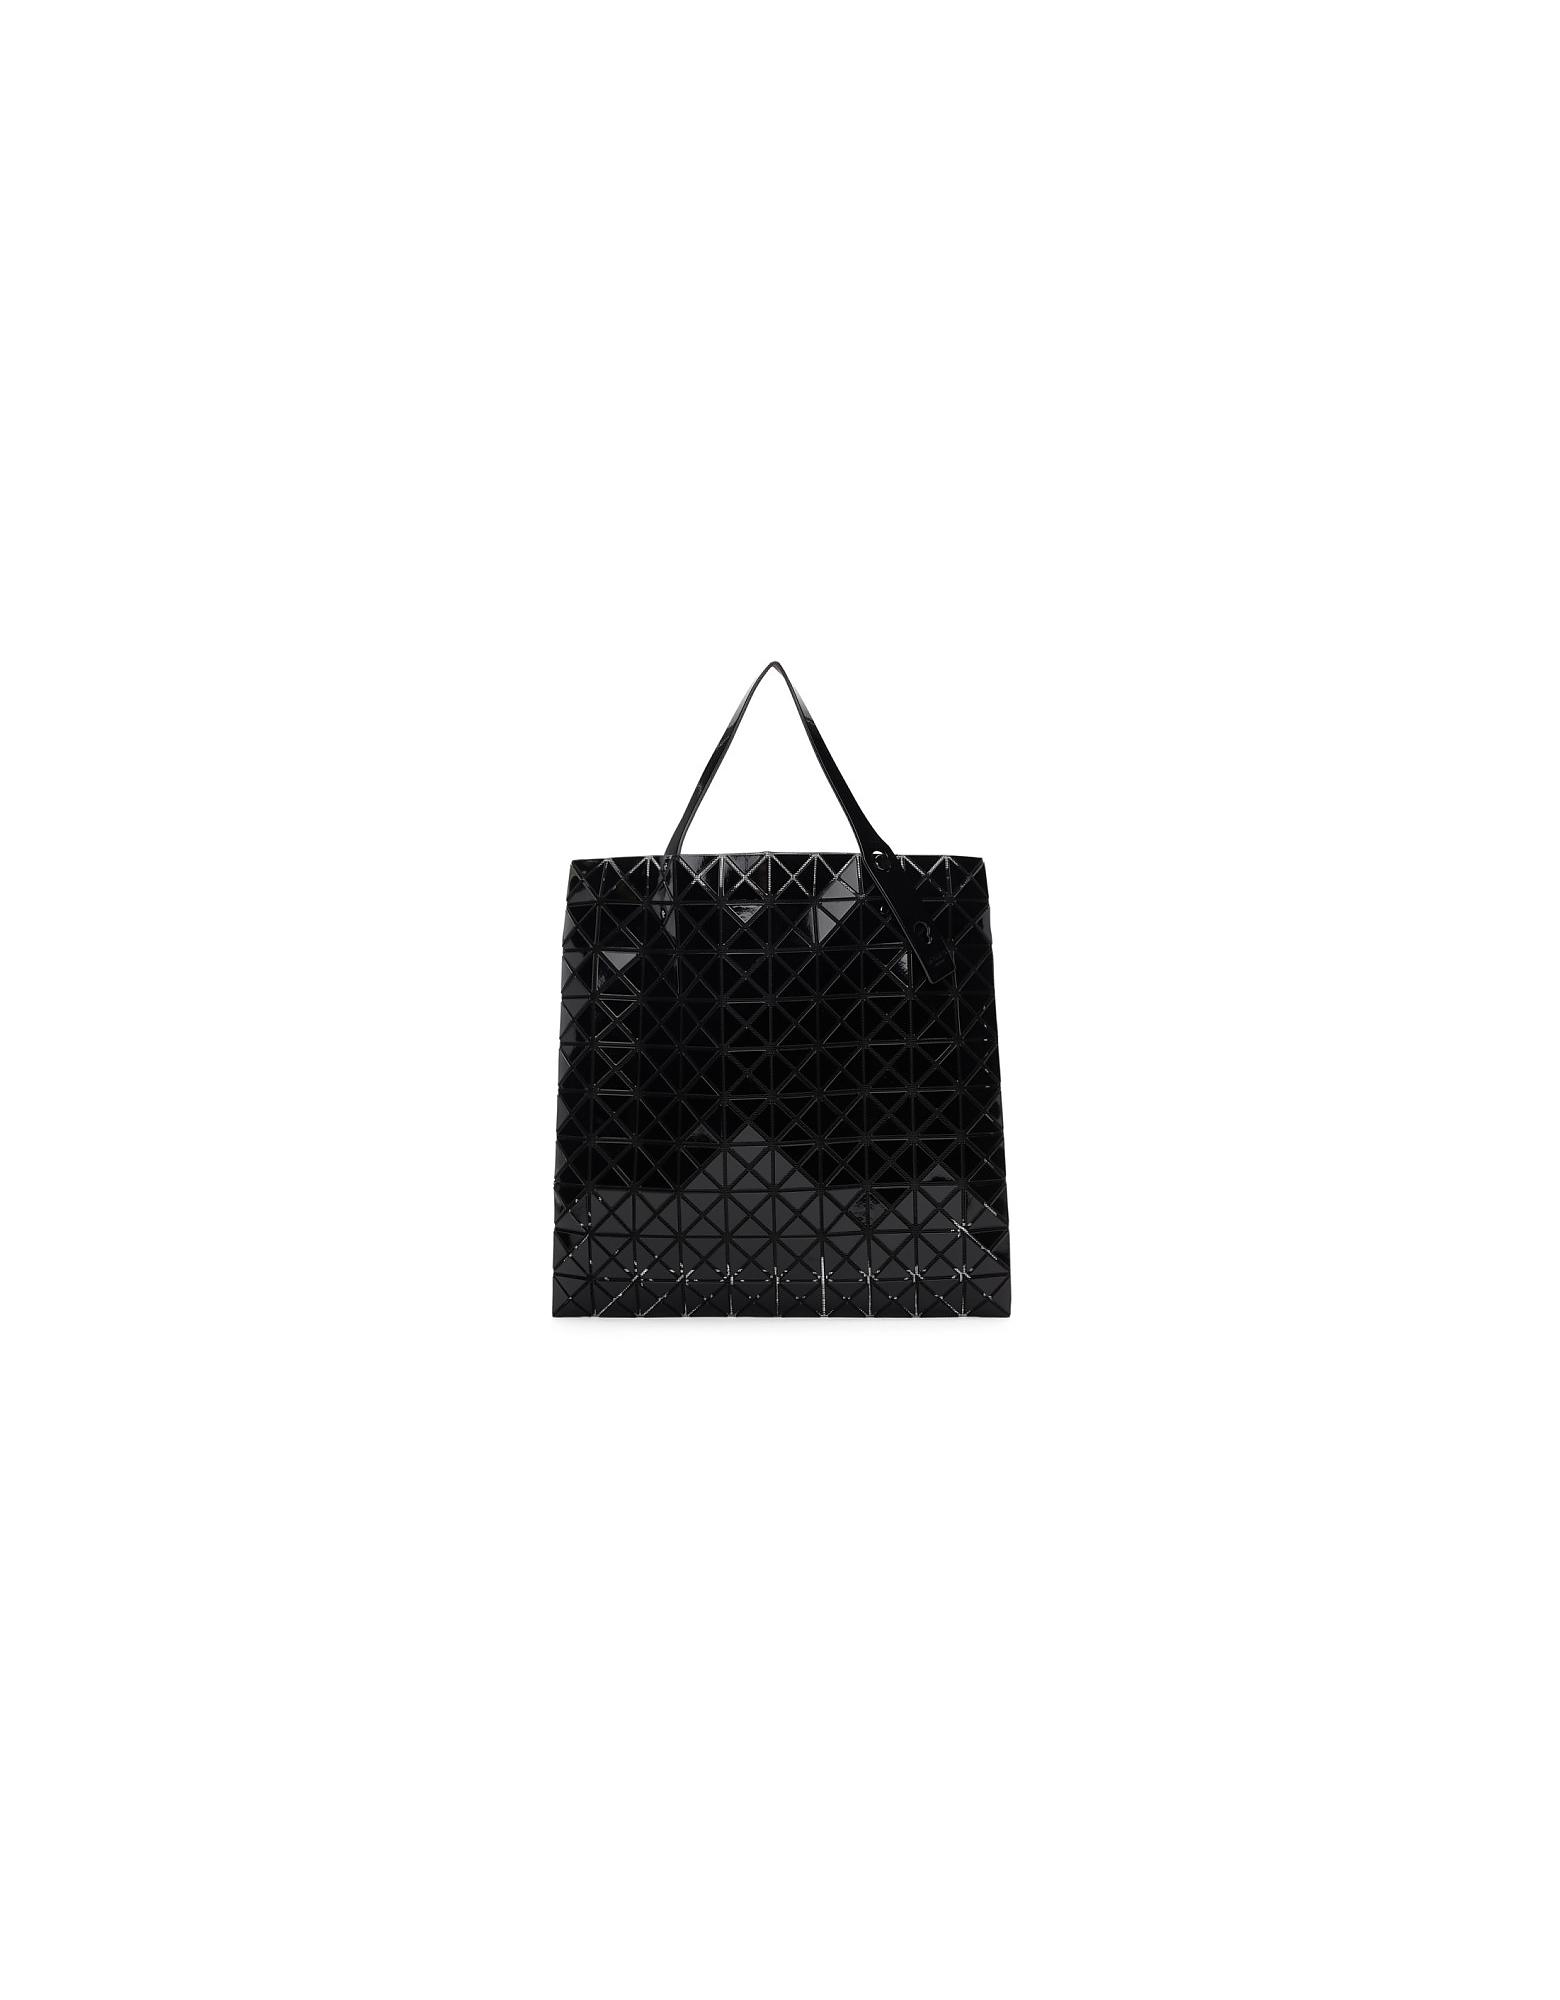 Issey Miyake Designer Handbags, Black East/West Tote